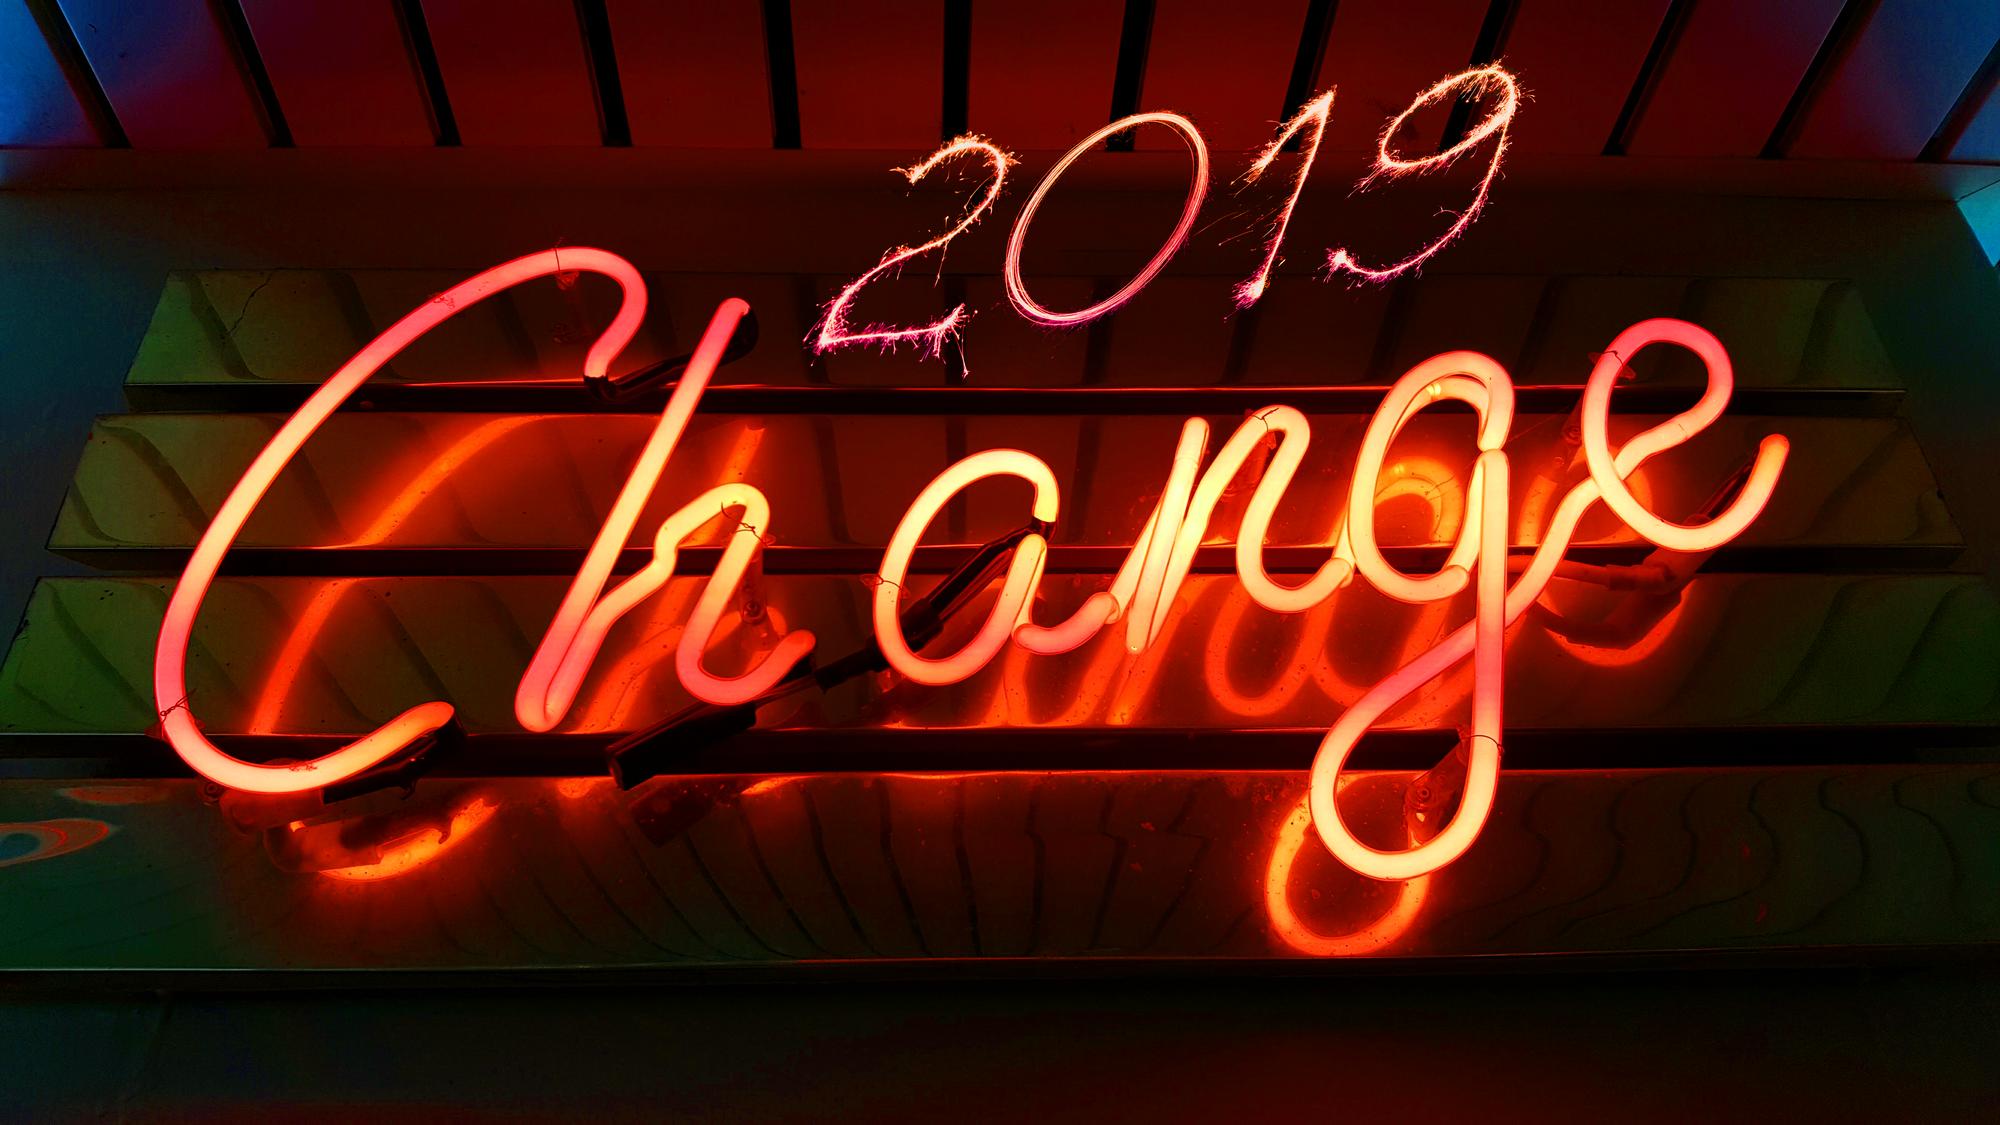 2019 - Um ano de mudanças